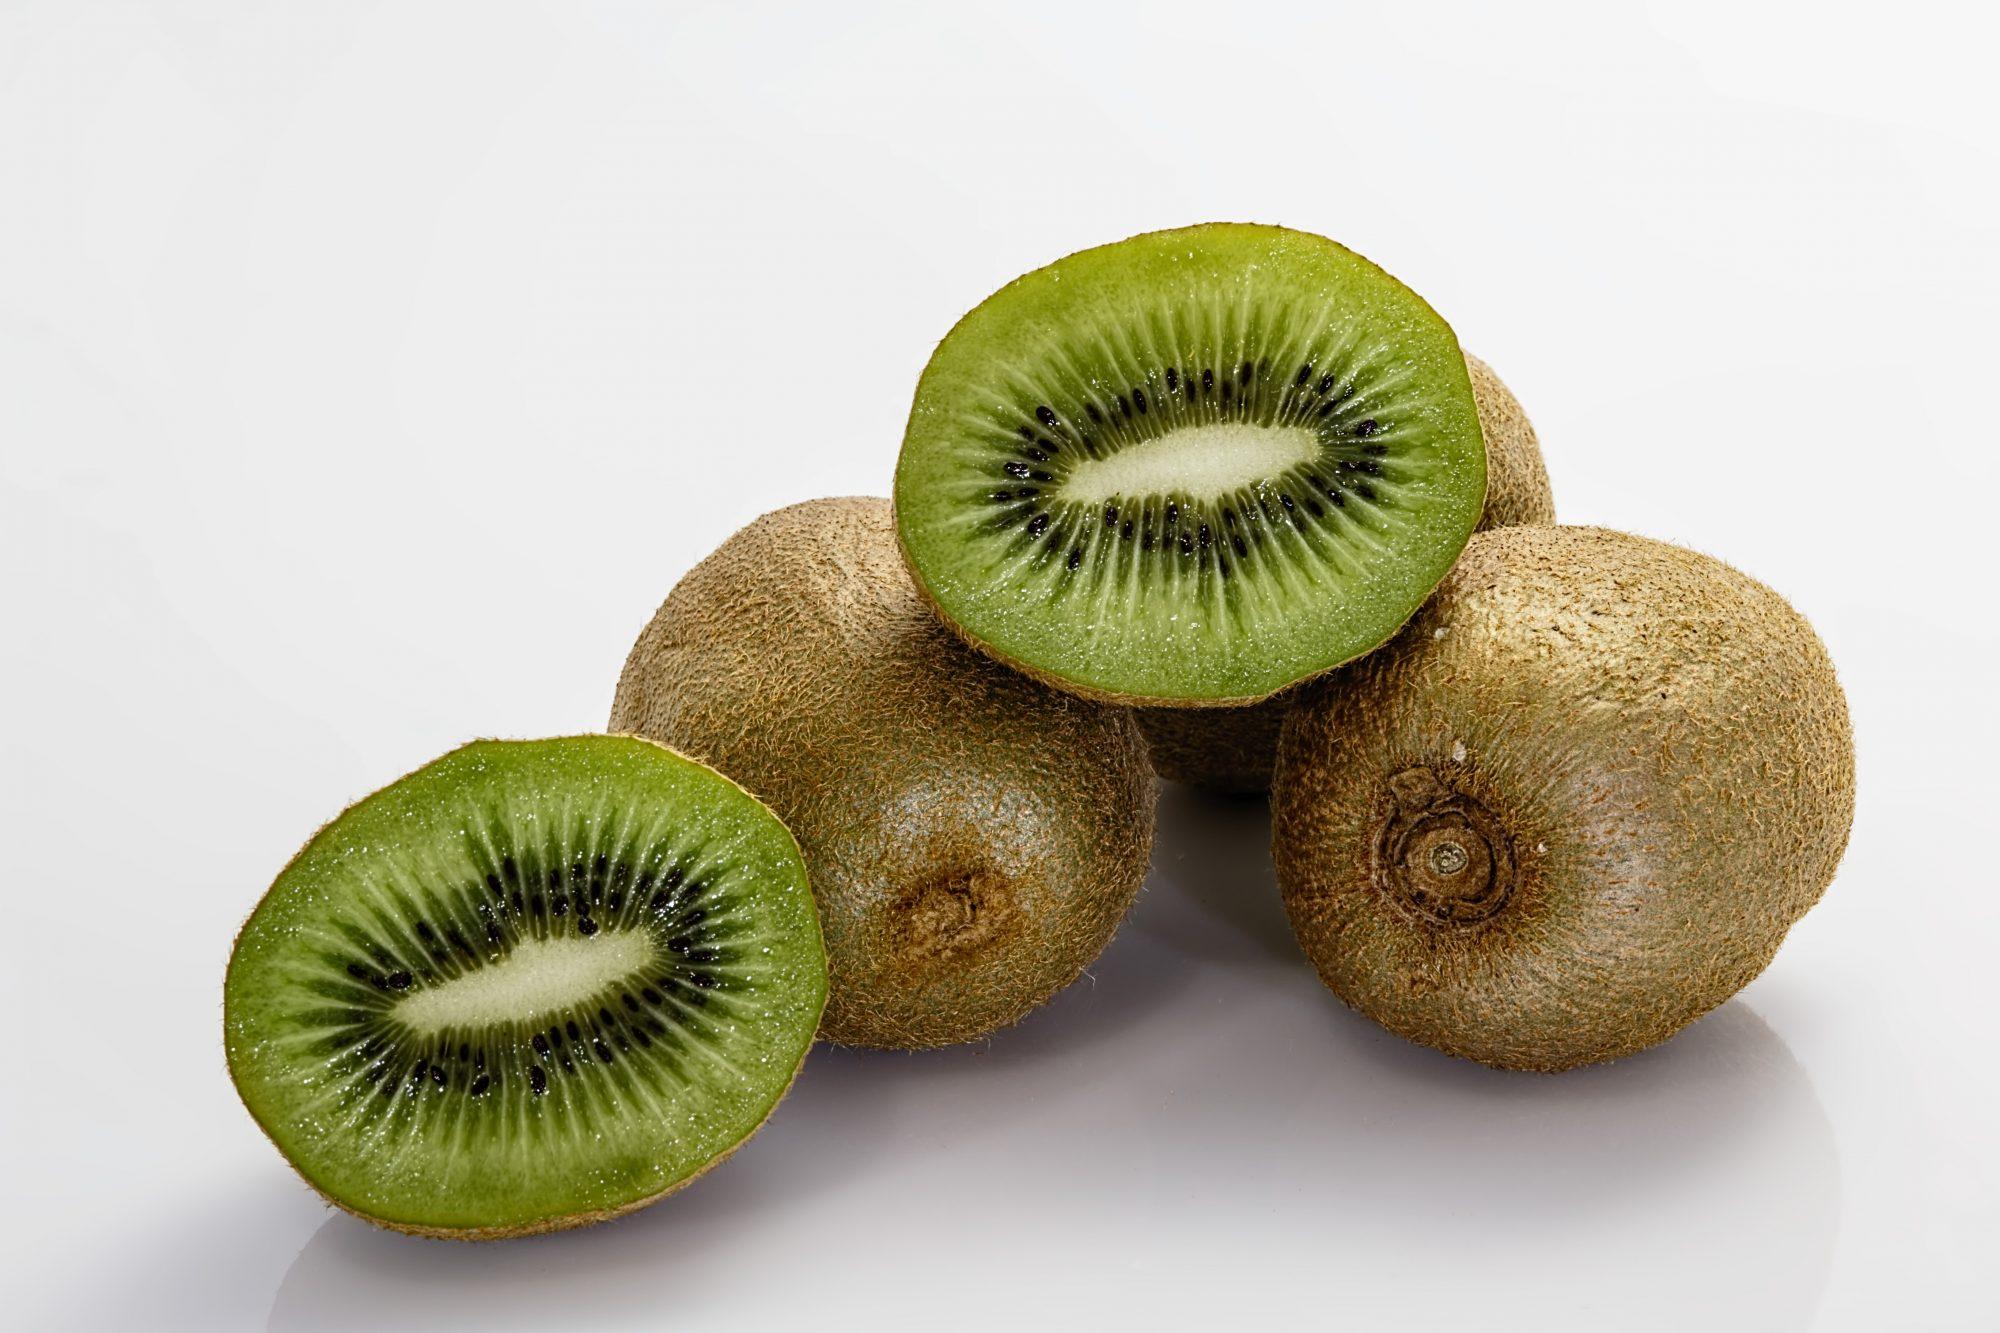 kiwifruit-fruit-kiwi-food-53426.jpeg